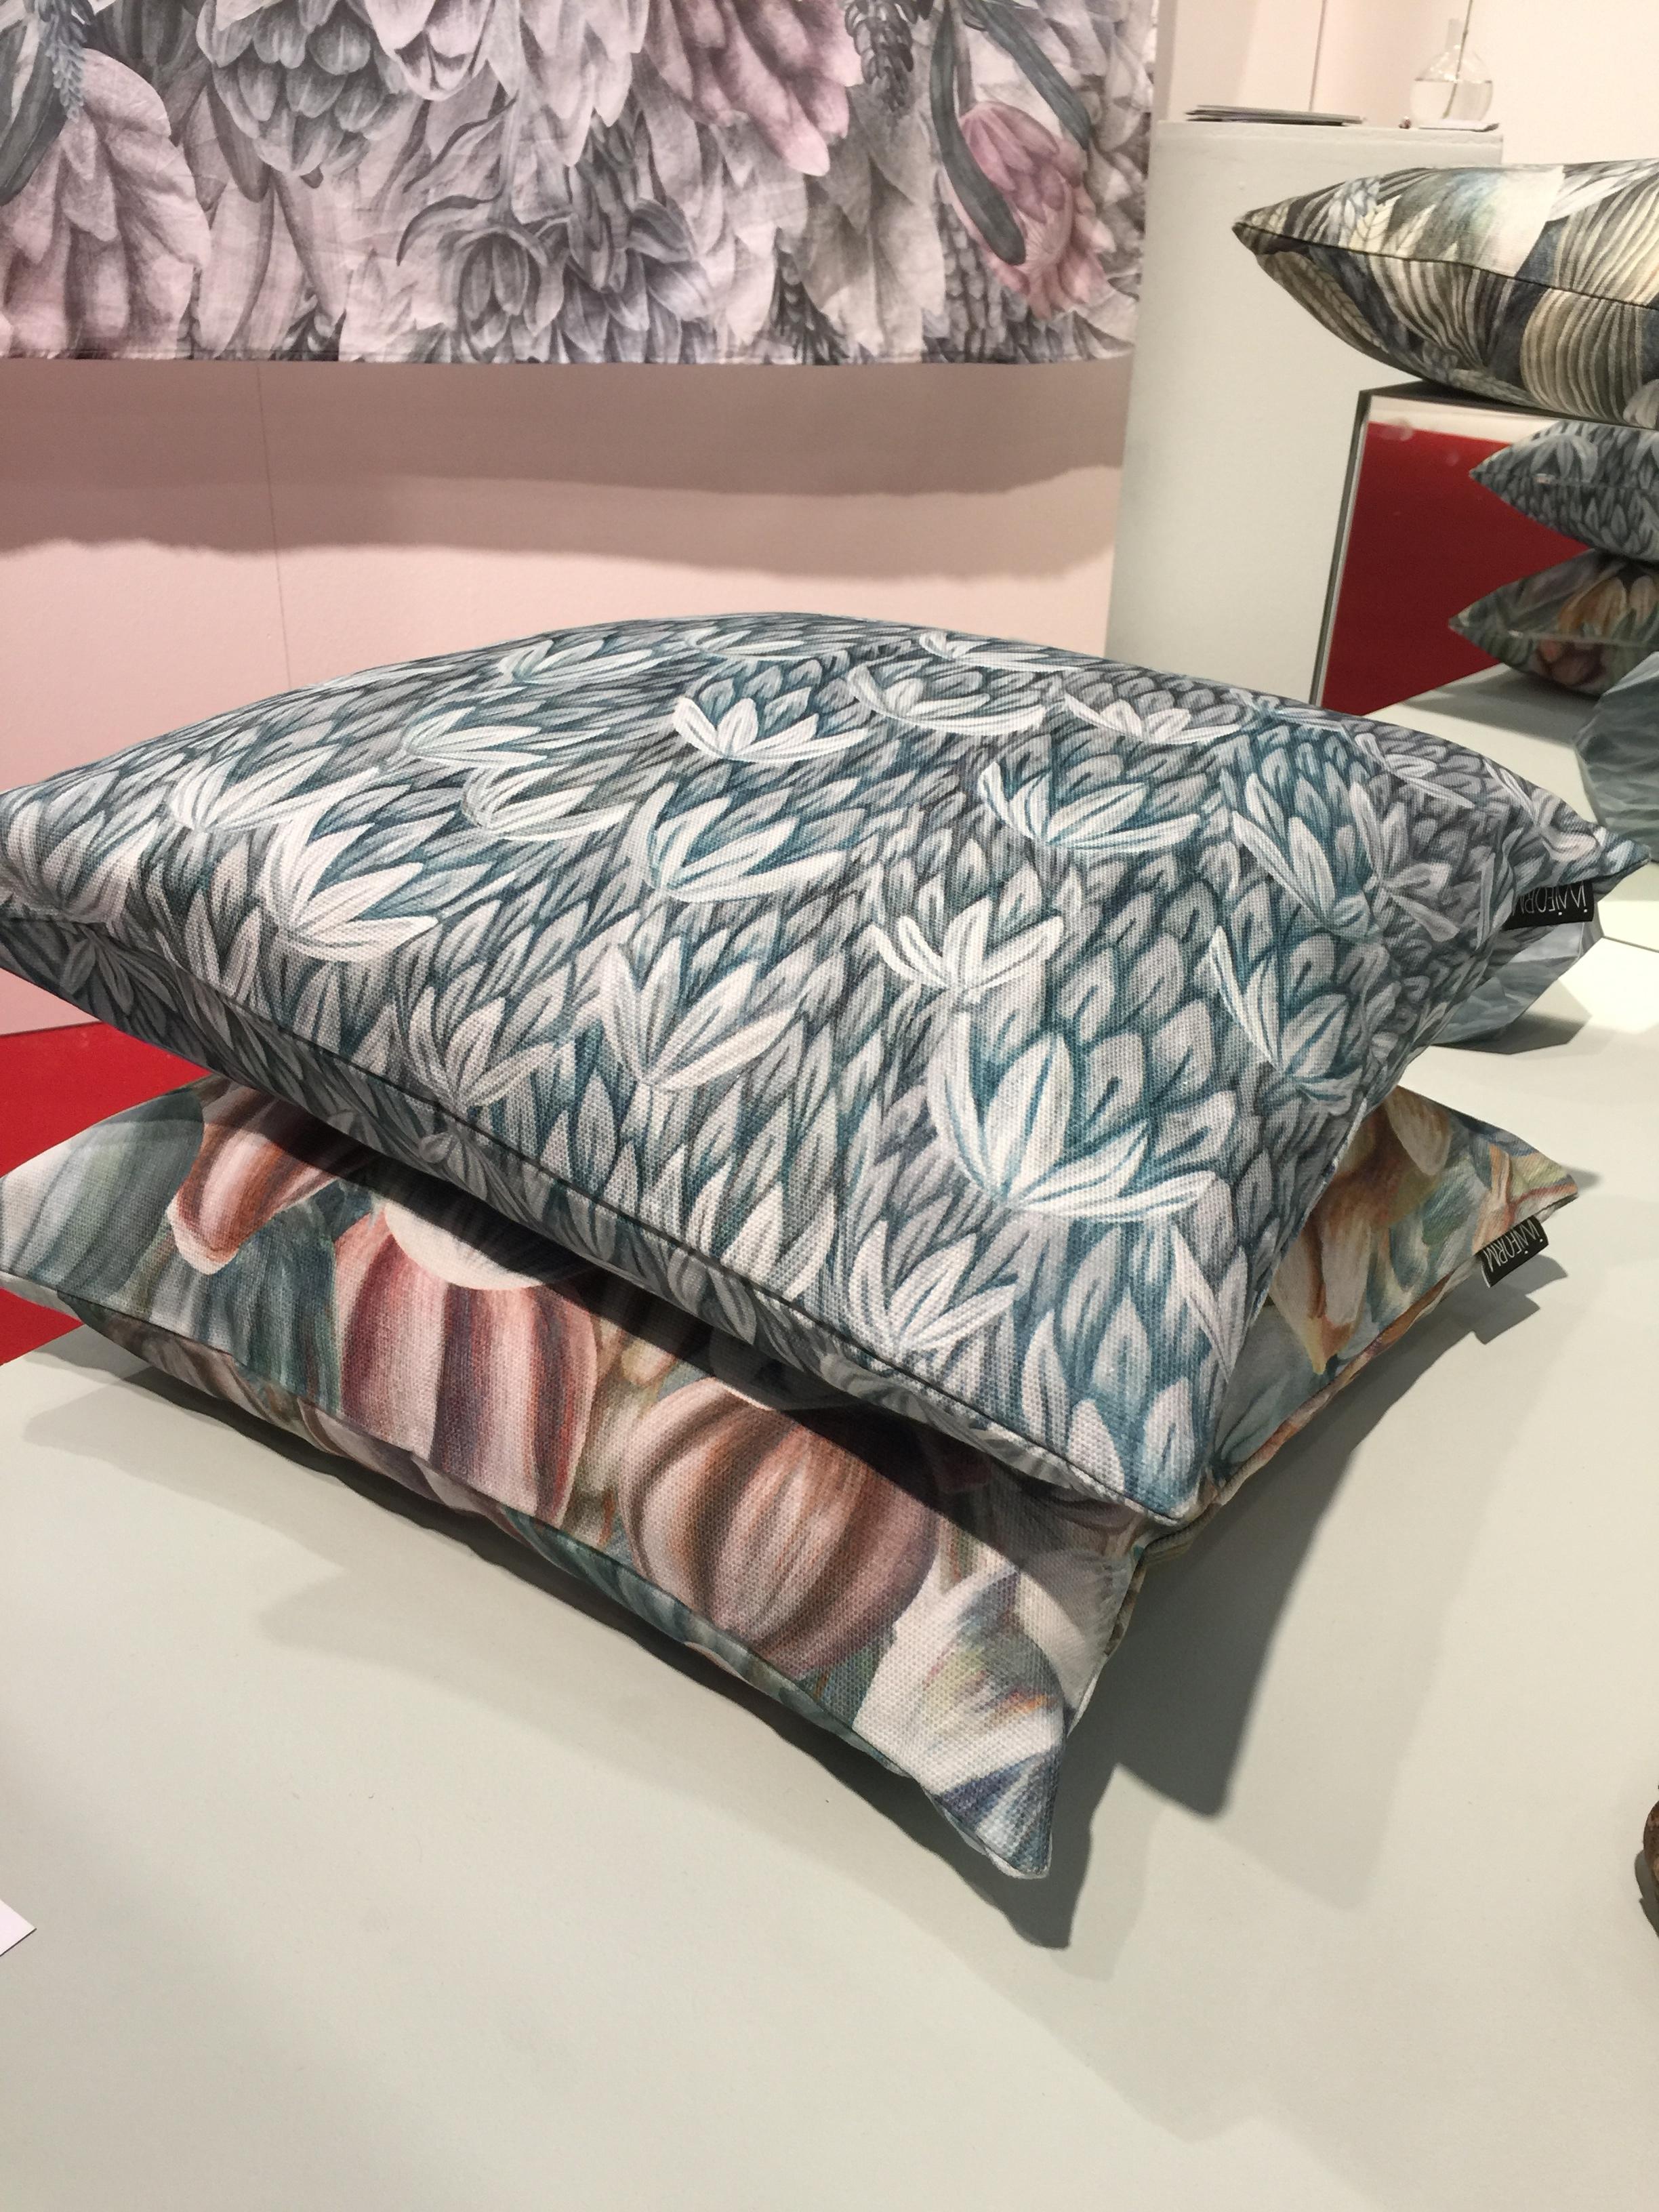 Designer Lisa Gårdeler uses acrylic paint for her patterns.